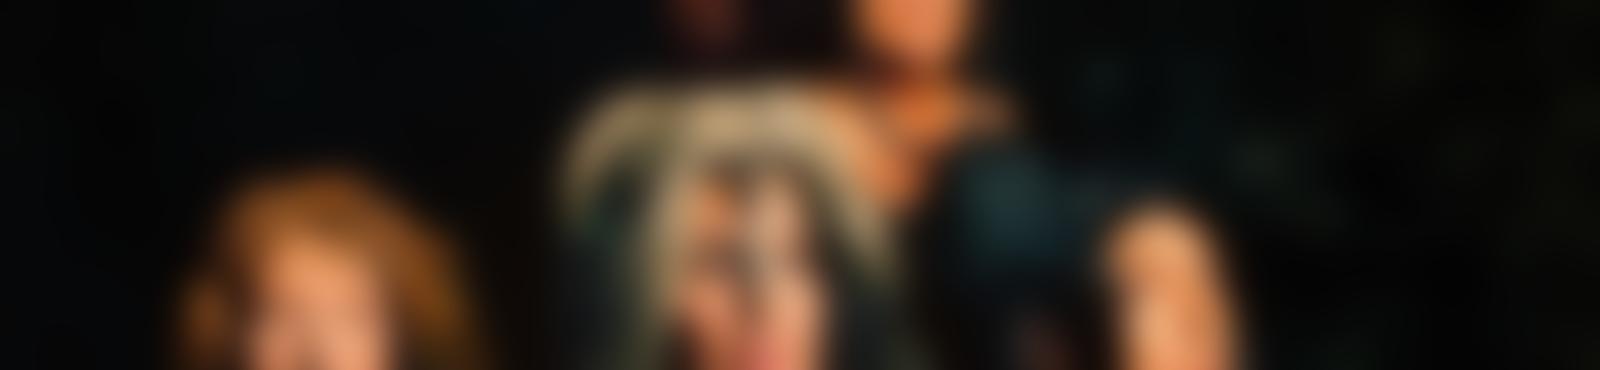 Blurred ec144da8 0655 4845 a0cc 30d42bd3814d